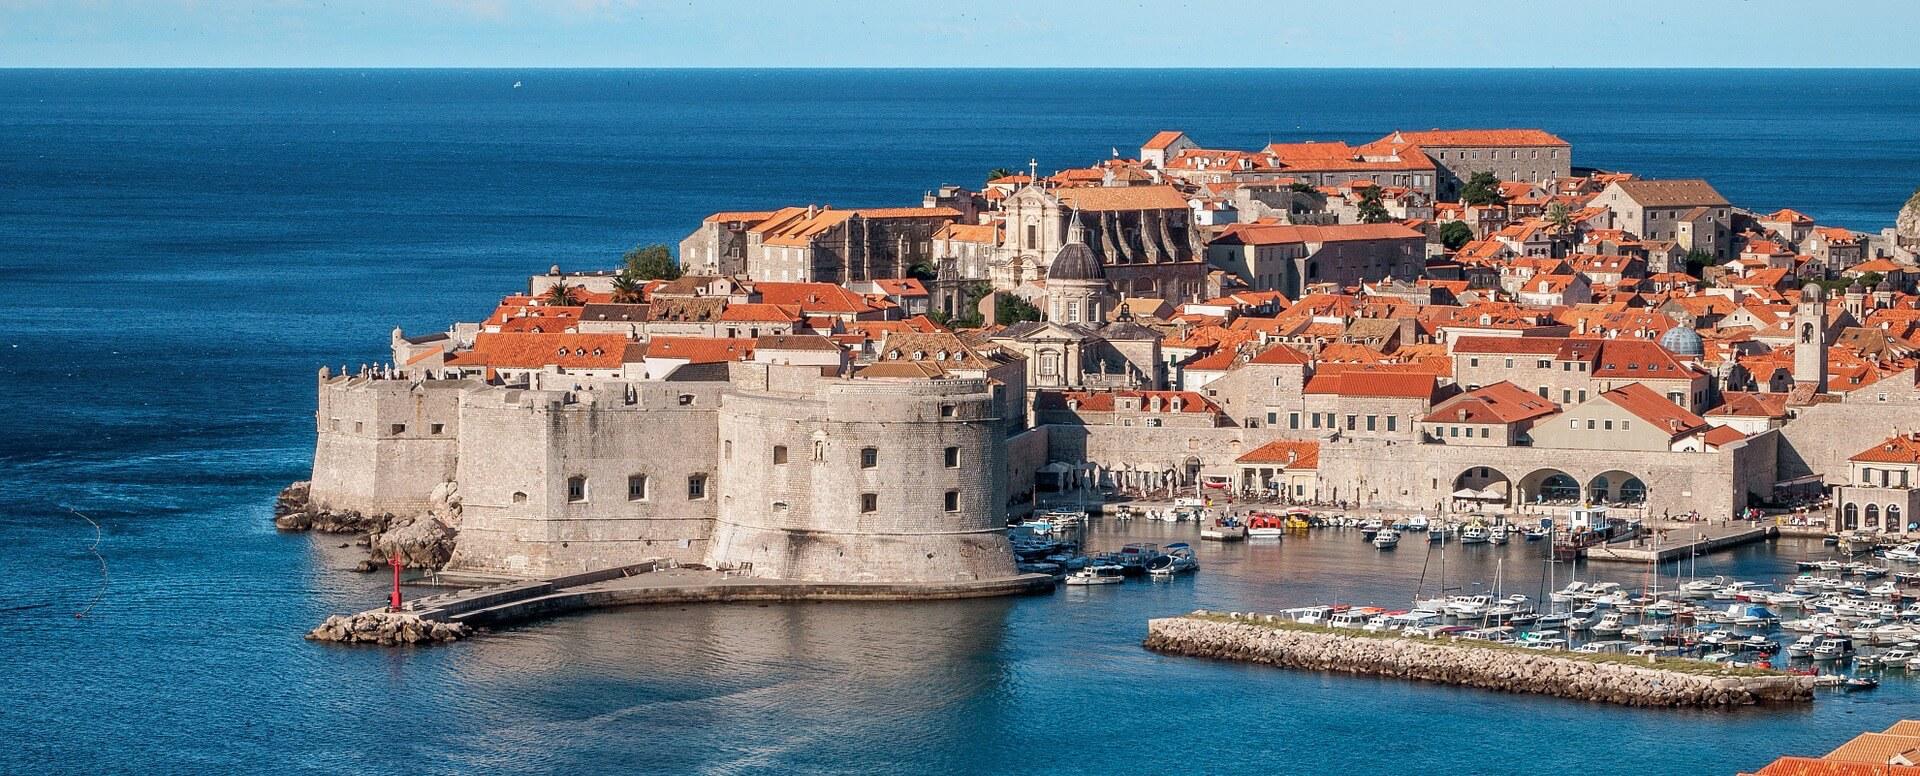 Découvrez les cultures et traditions de la Croatie - Croatie